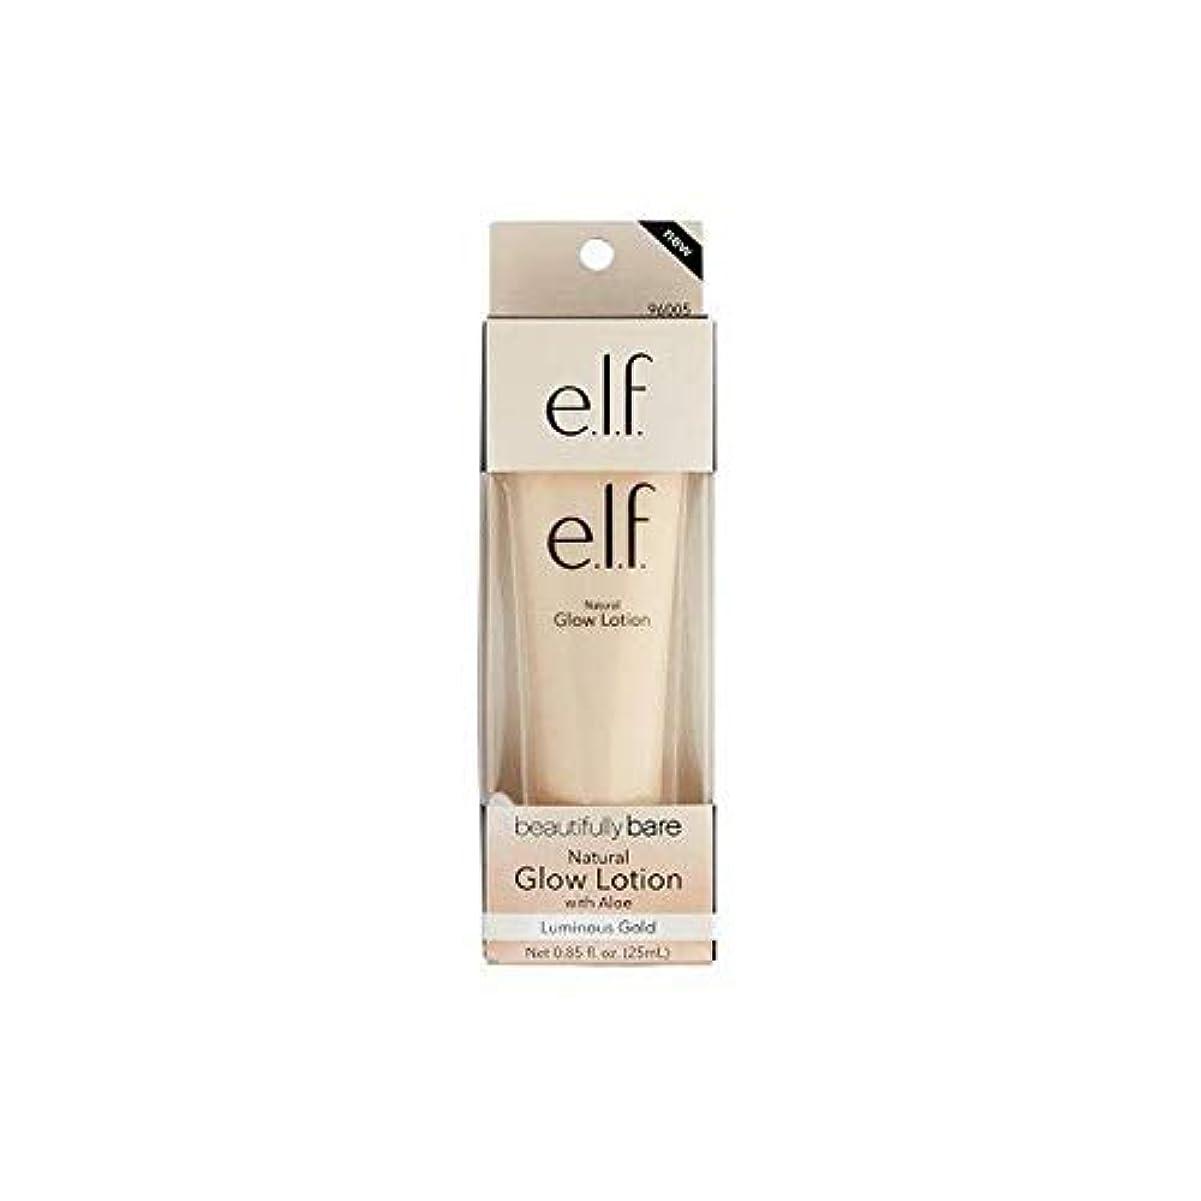 葉を集める宣言する寛容[Elf ] エルフ。美しく裸自然グローローション金 - e.l.f. Beautifully Bare Natural Glow Lotion gold [並行輸入品]